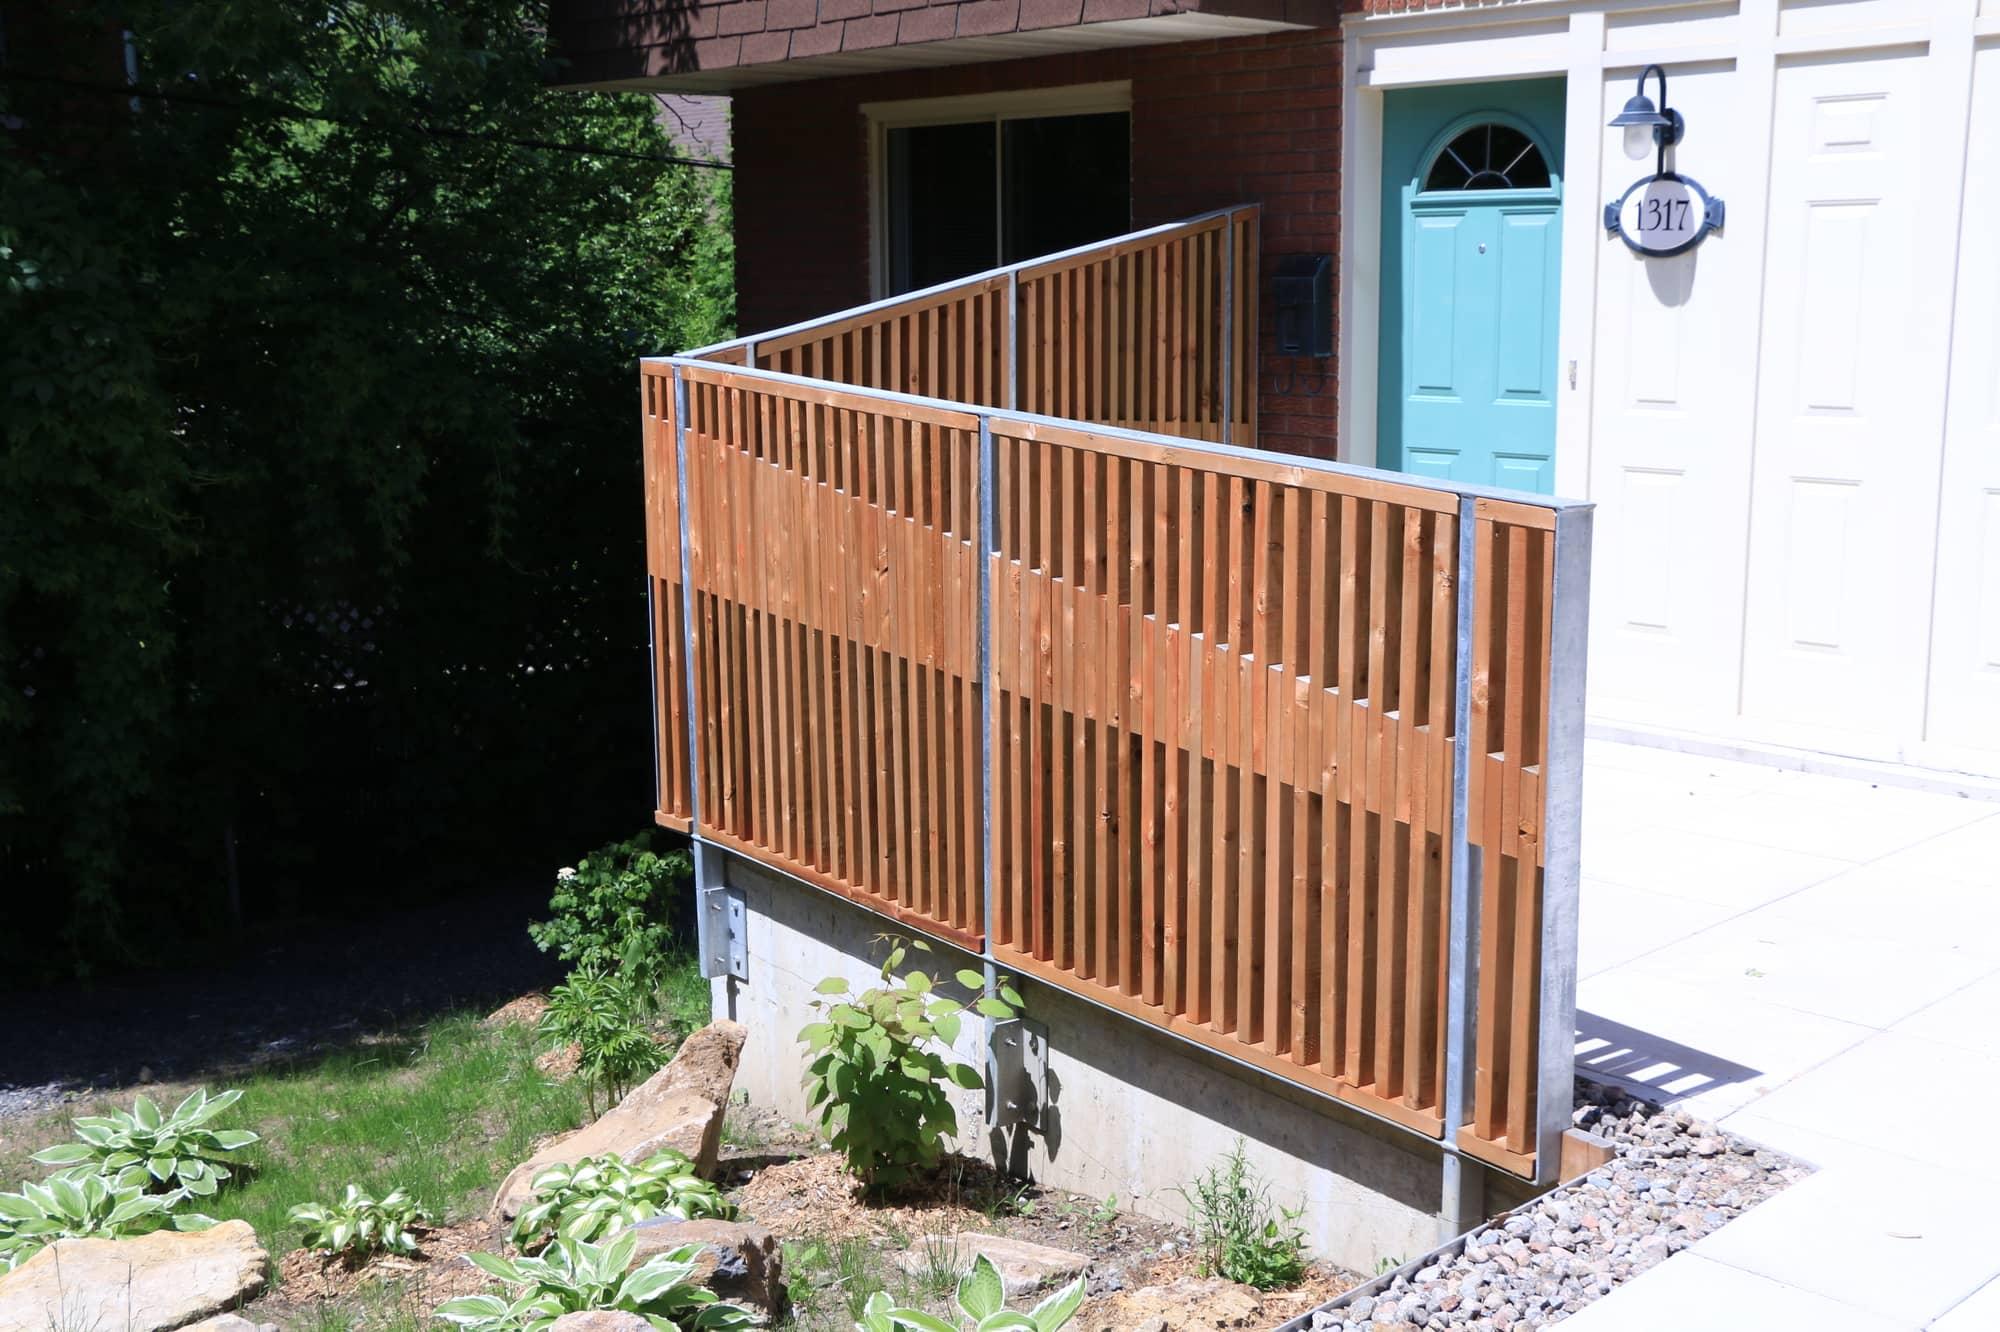 terrasse en béton d'une copropriété avec rampes en bois